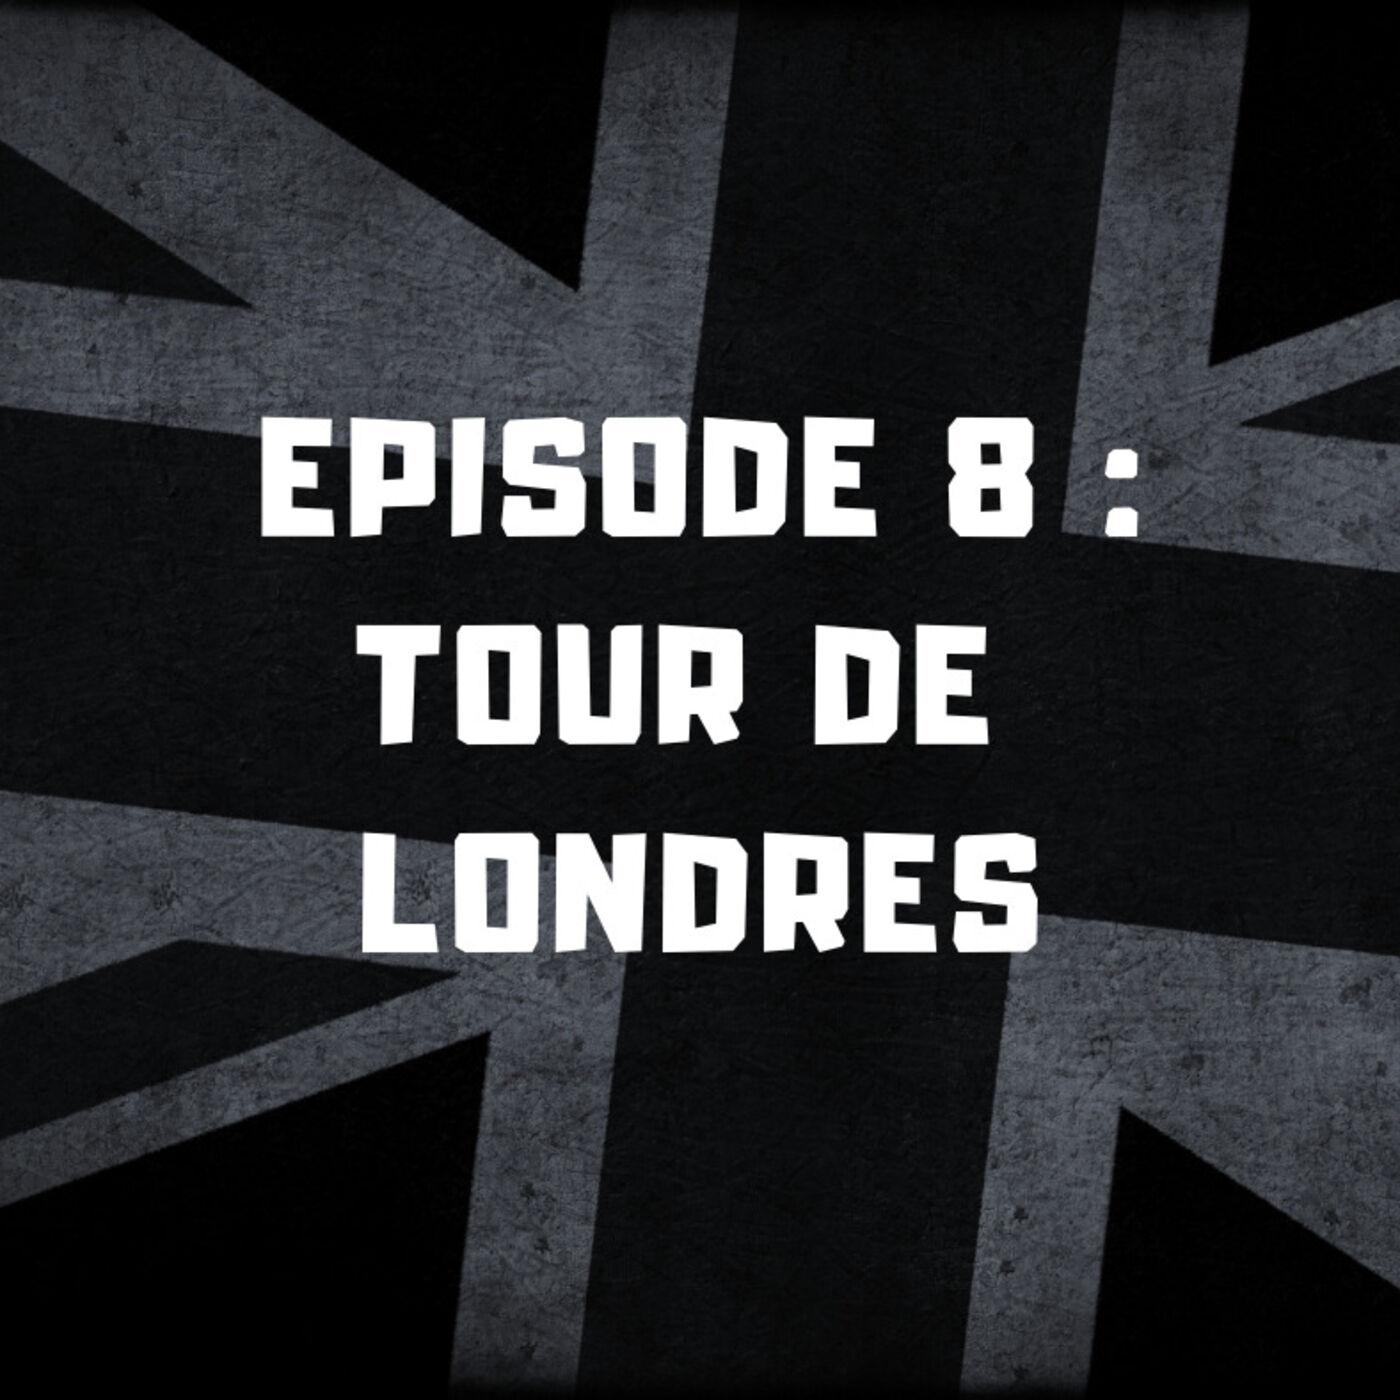 Episode 8 - Tour de Londres